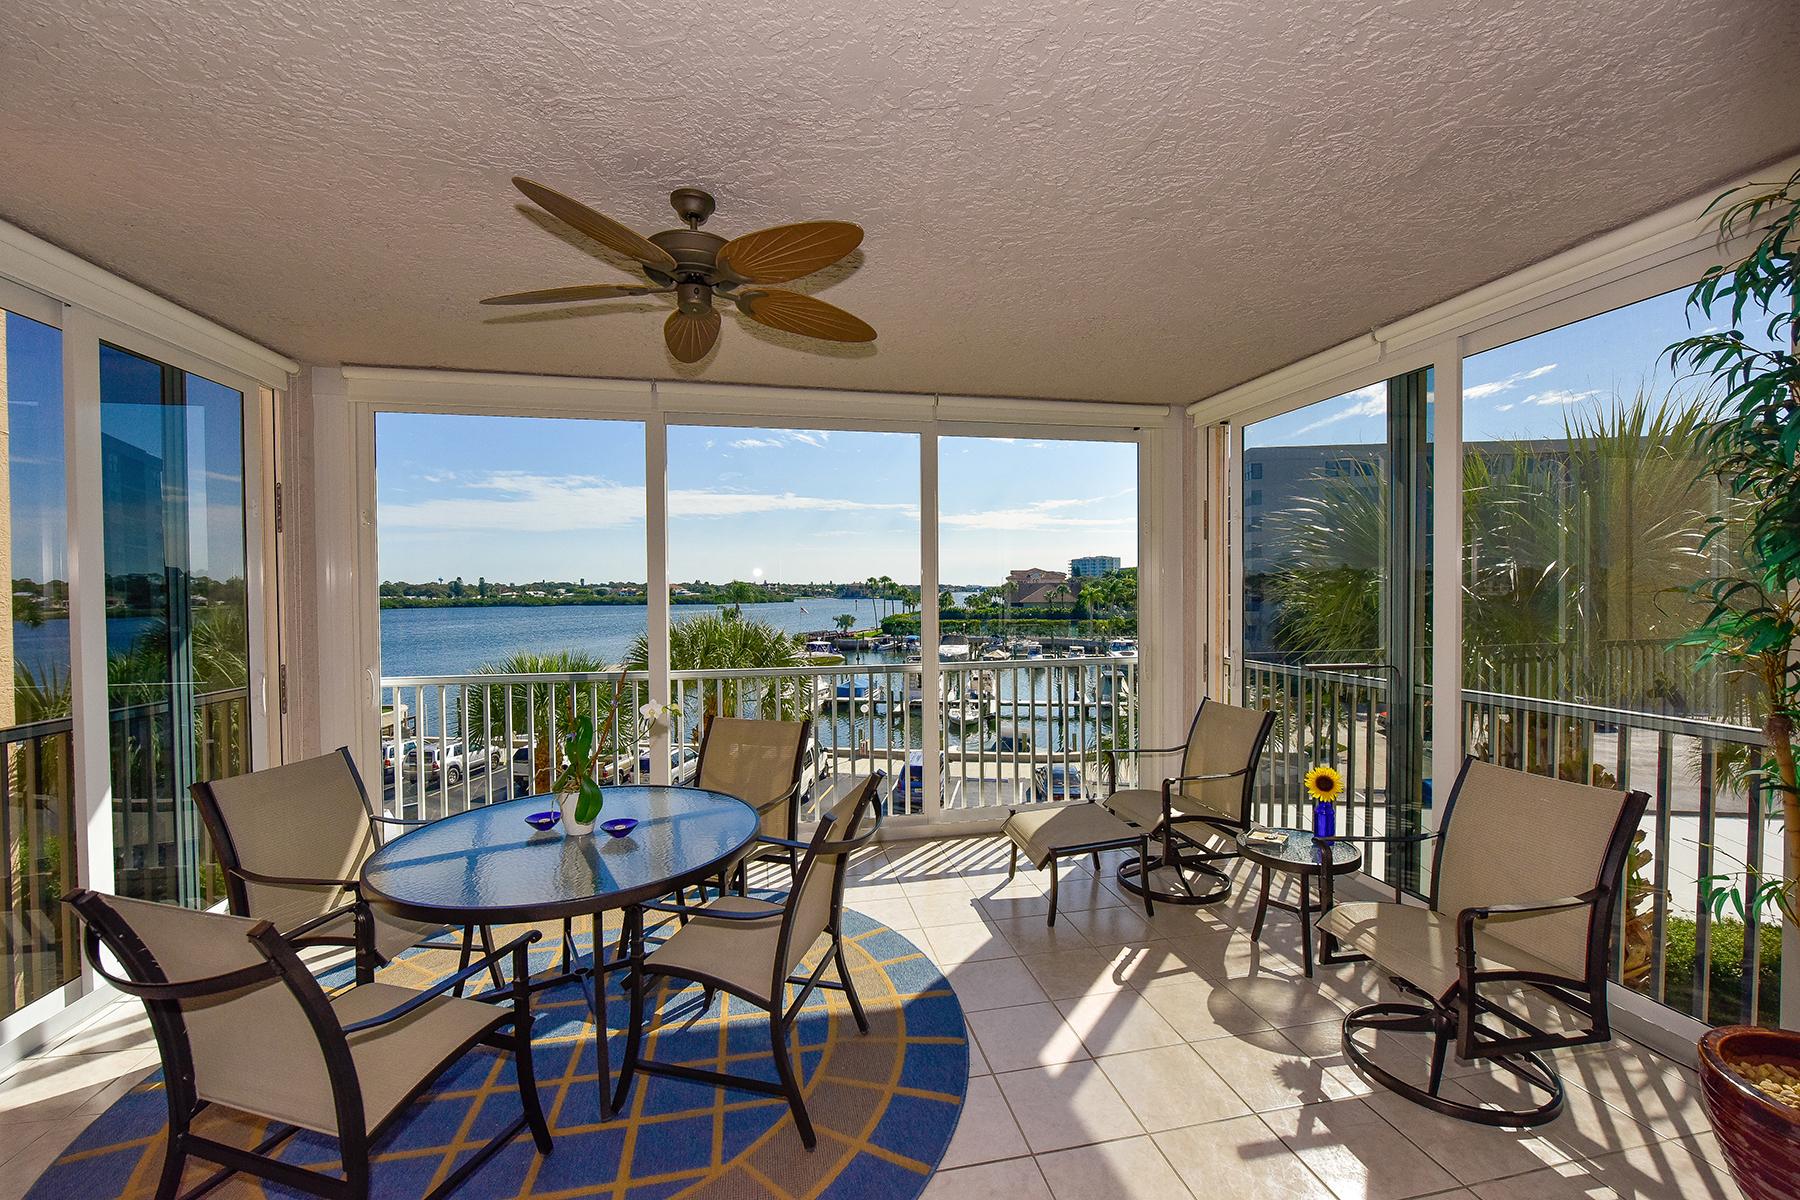 Nhà chung cư vì Bán tại SIESTA KEY 1260 Dolphin Bay Way 302 Sarasota, Florida 34242 Hoa Kỳ